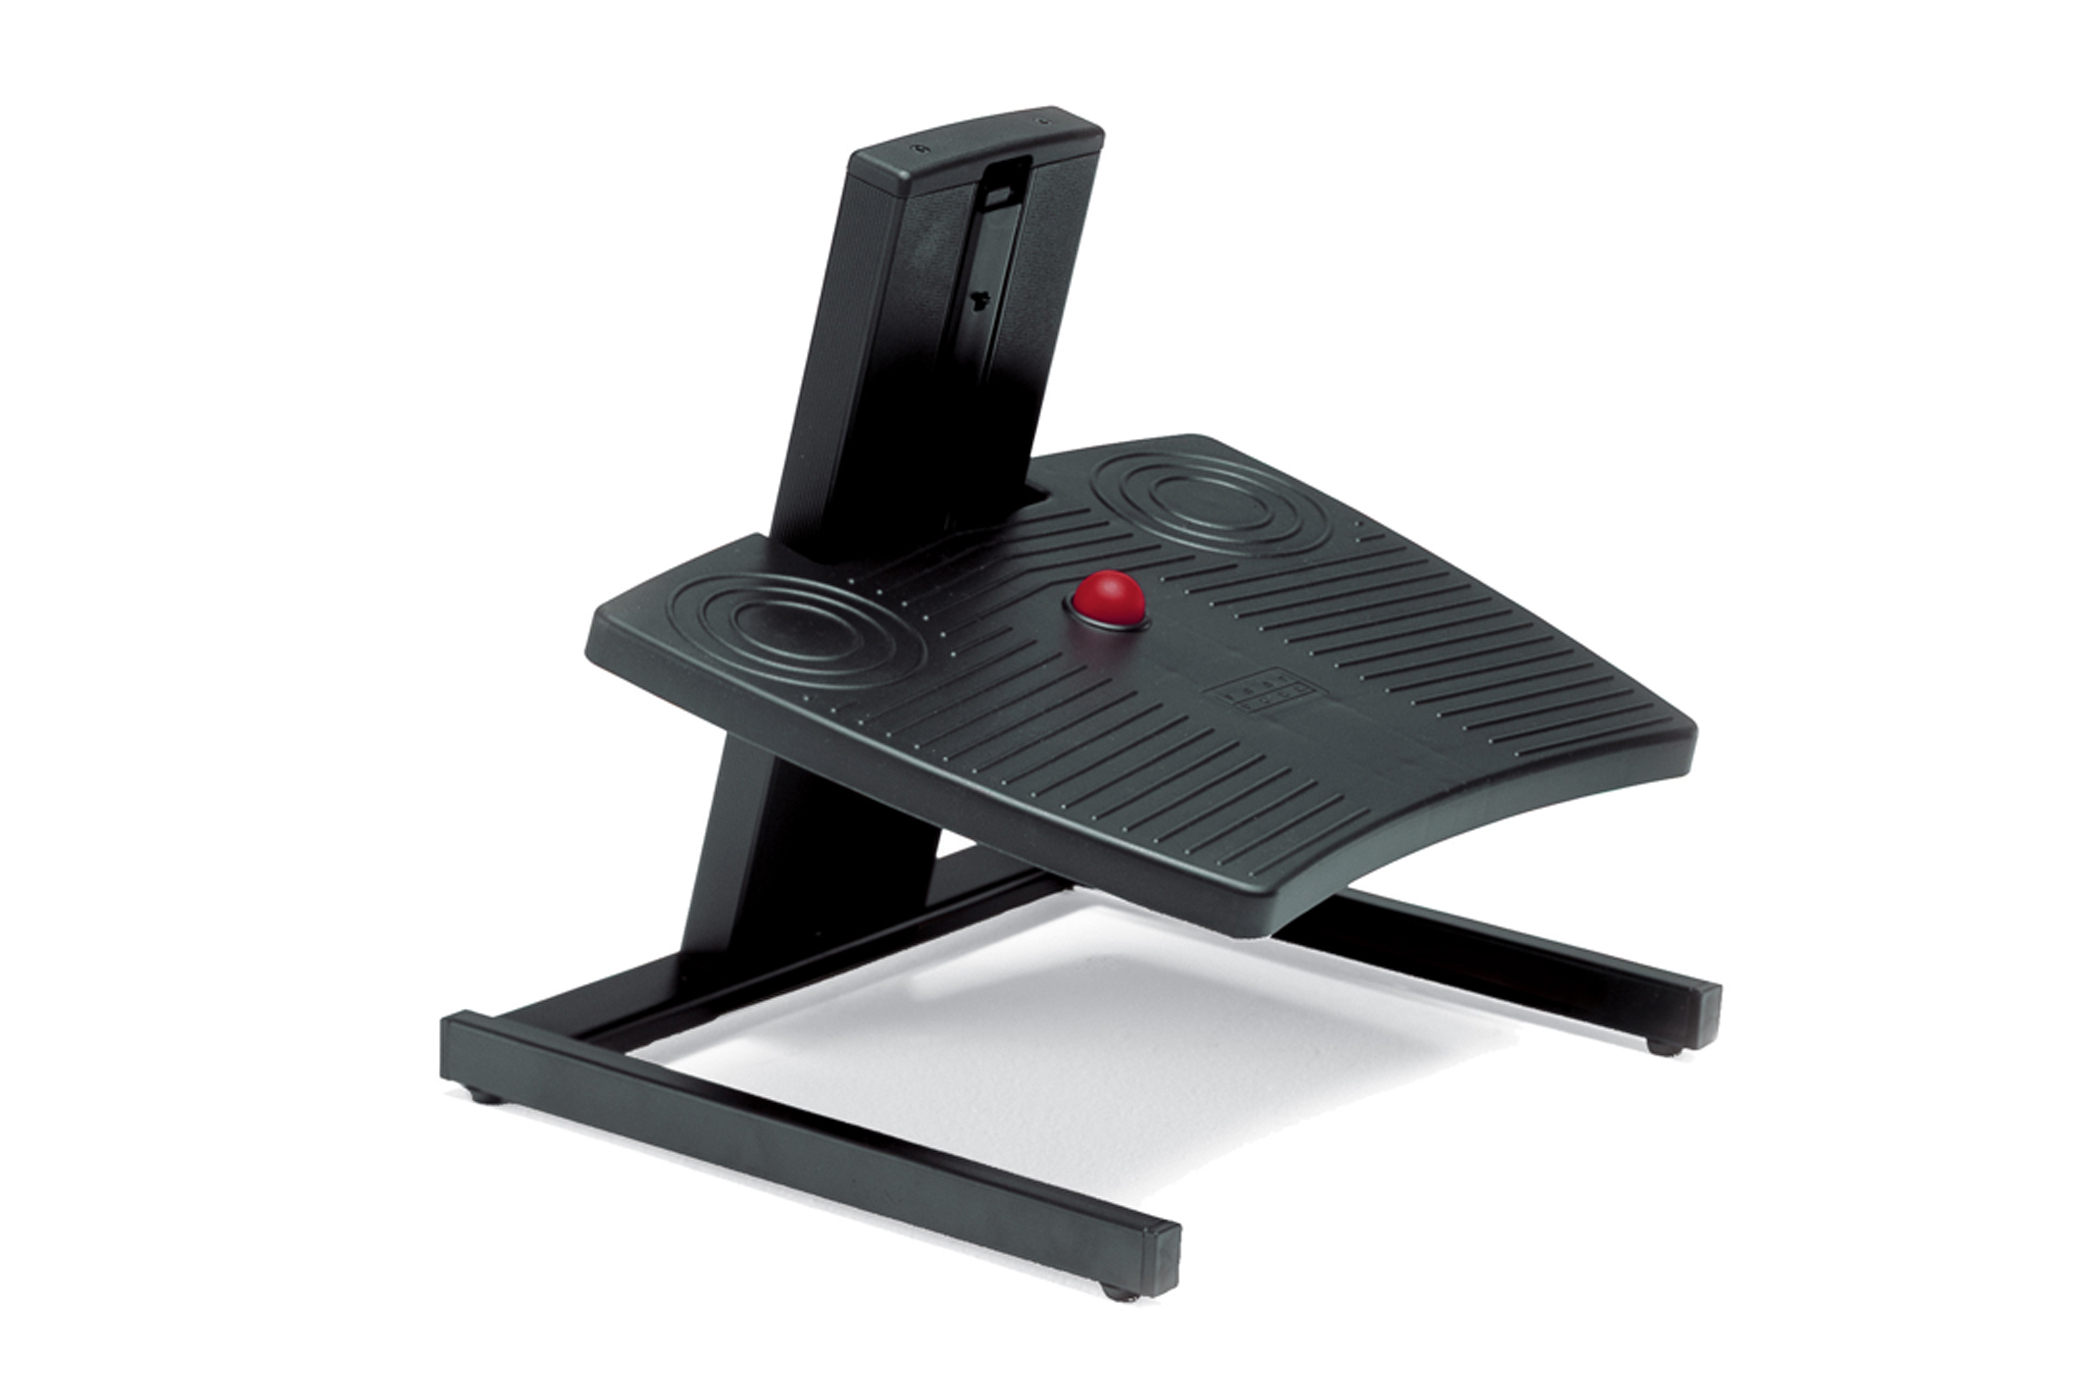 Bakker Footform Standard Low Footrest - Schwarz - 450 mm - 4 cm - 17 cm - 6,5 kg